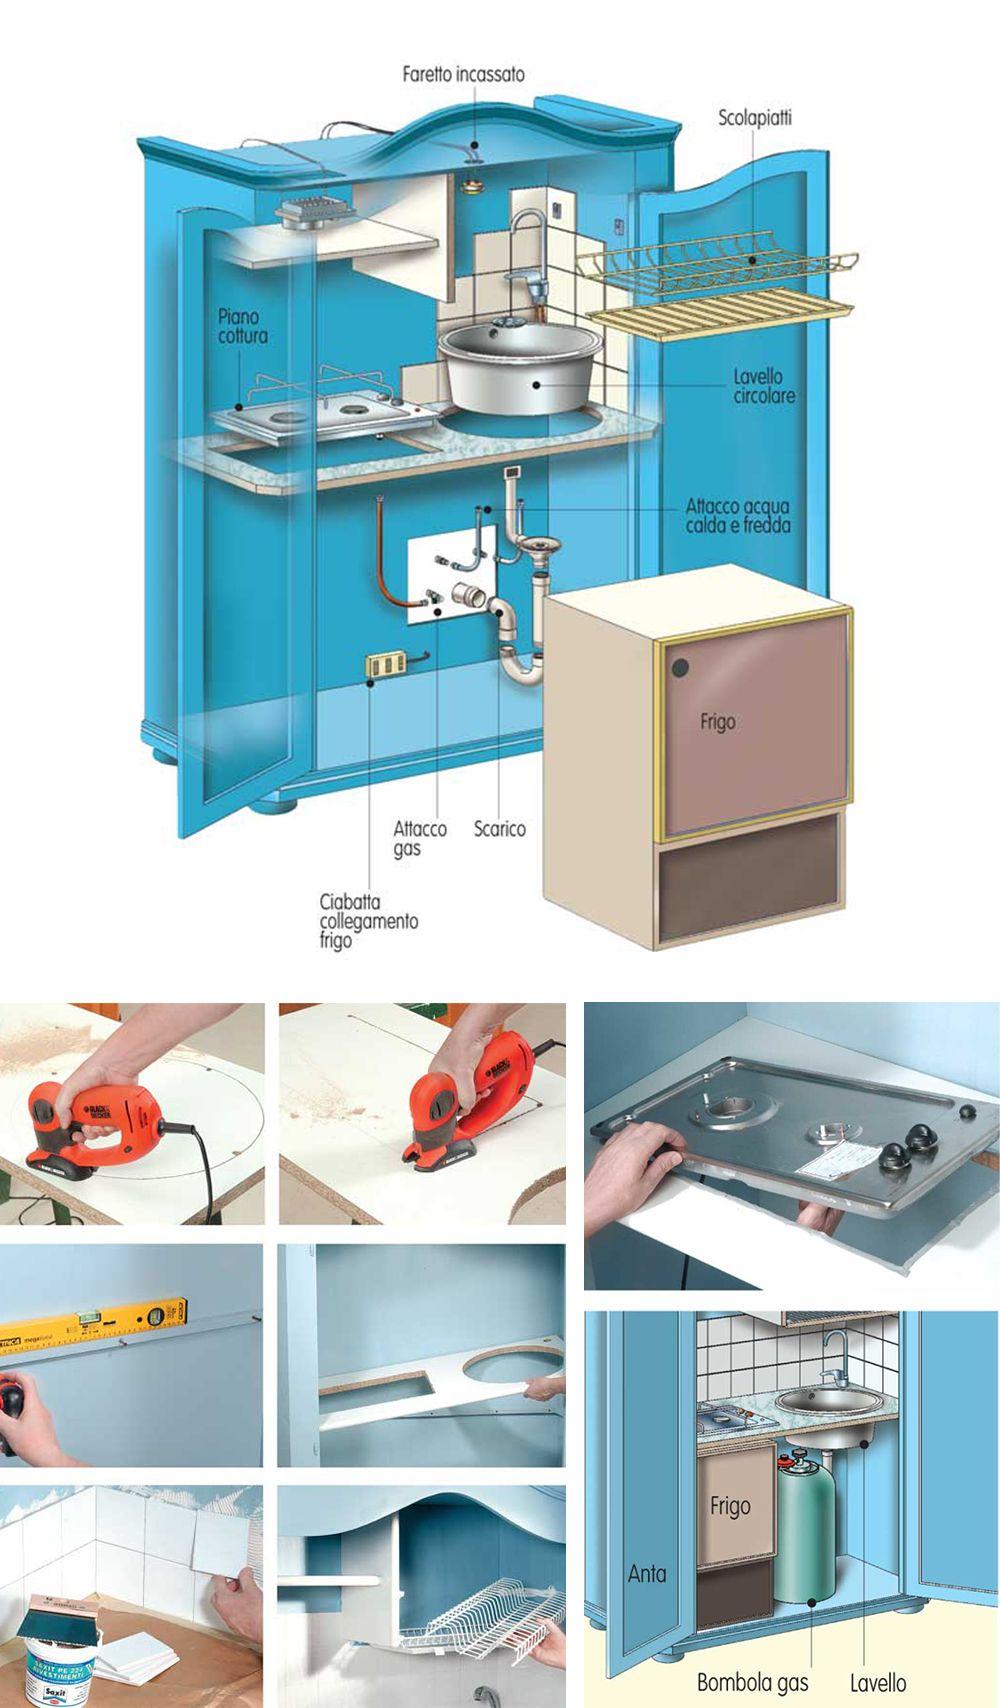 Cucina nascosta in un armadio nel 2020 Cucine, Armadio